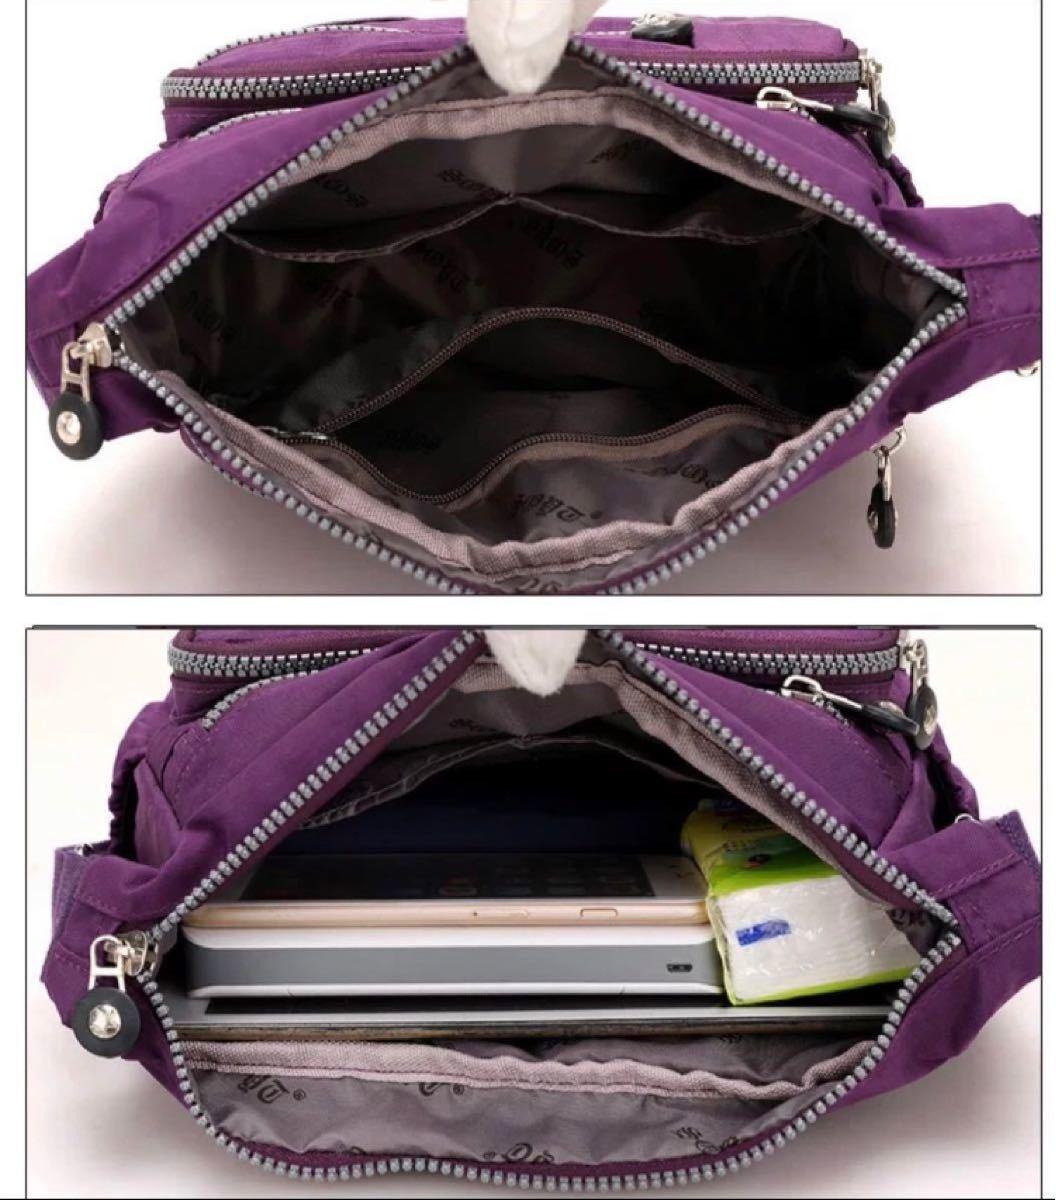 ショルダーバッグ グレー 斜めがけ ボディーバッグ レディースバッグ マザーズバッグ  斜めがけバッグ 旅行バッグ 軽量